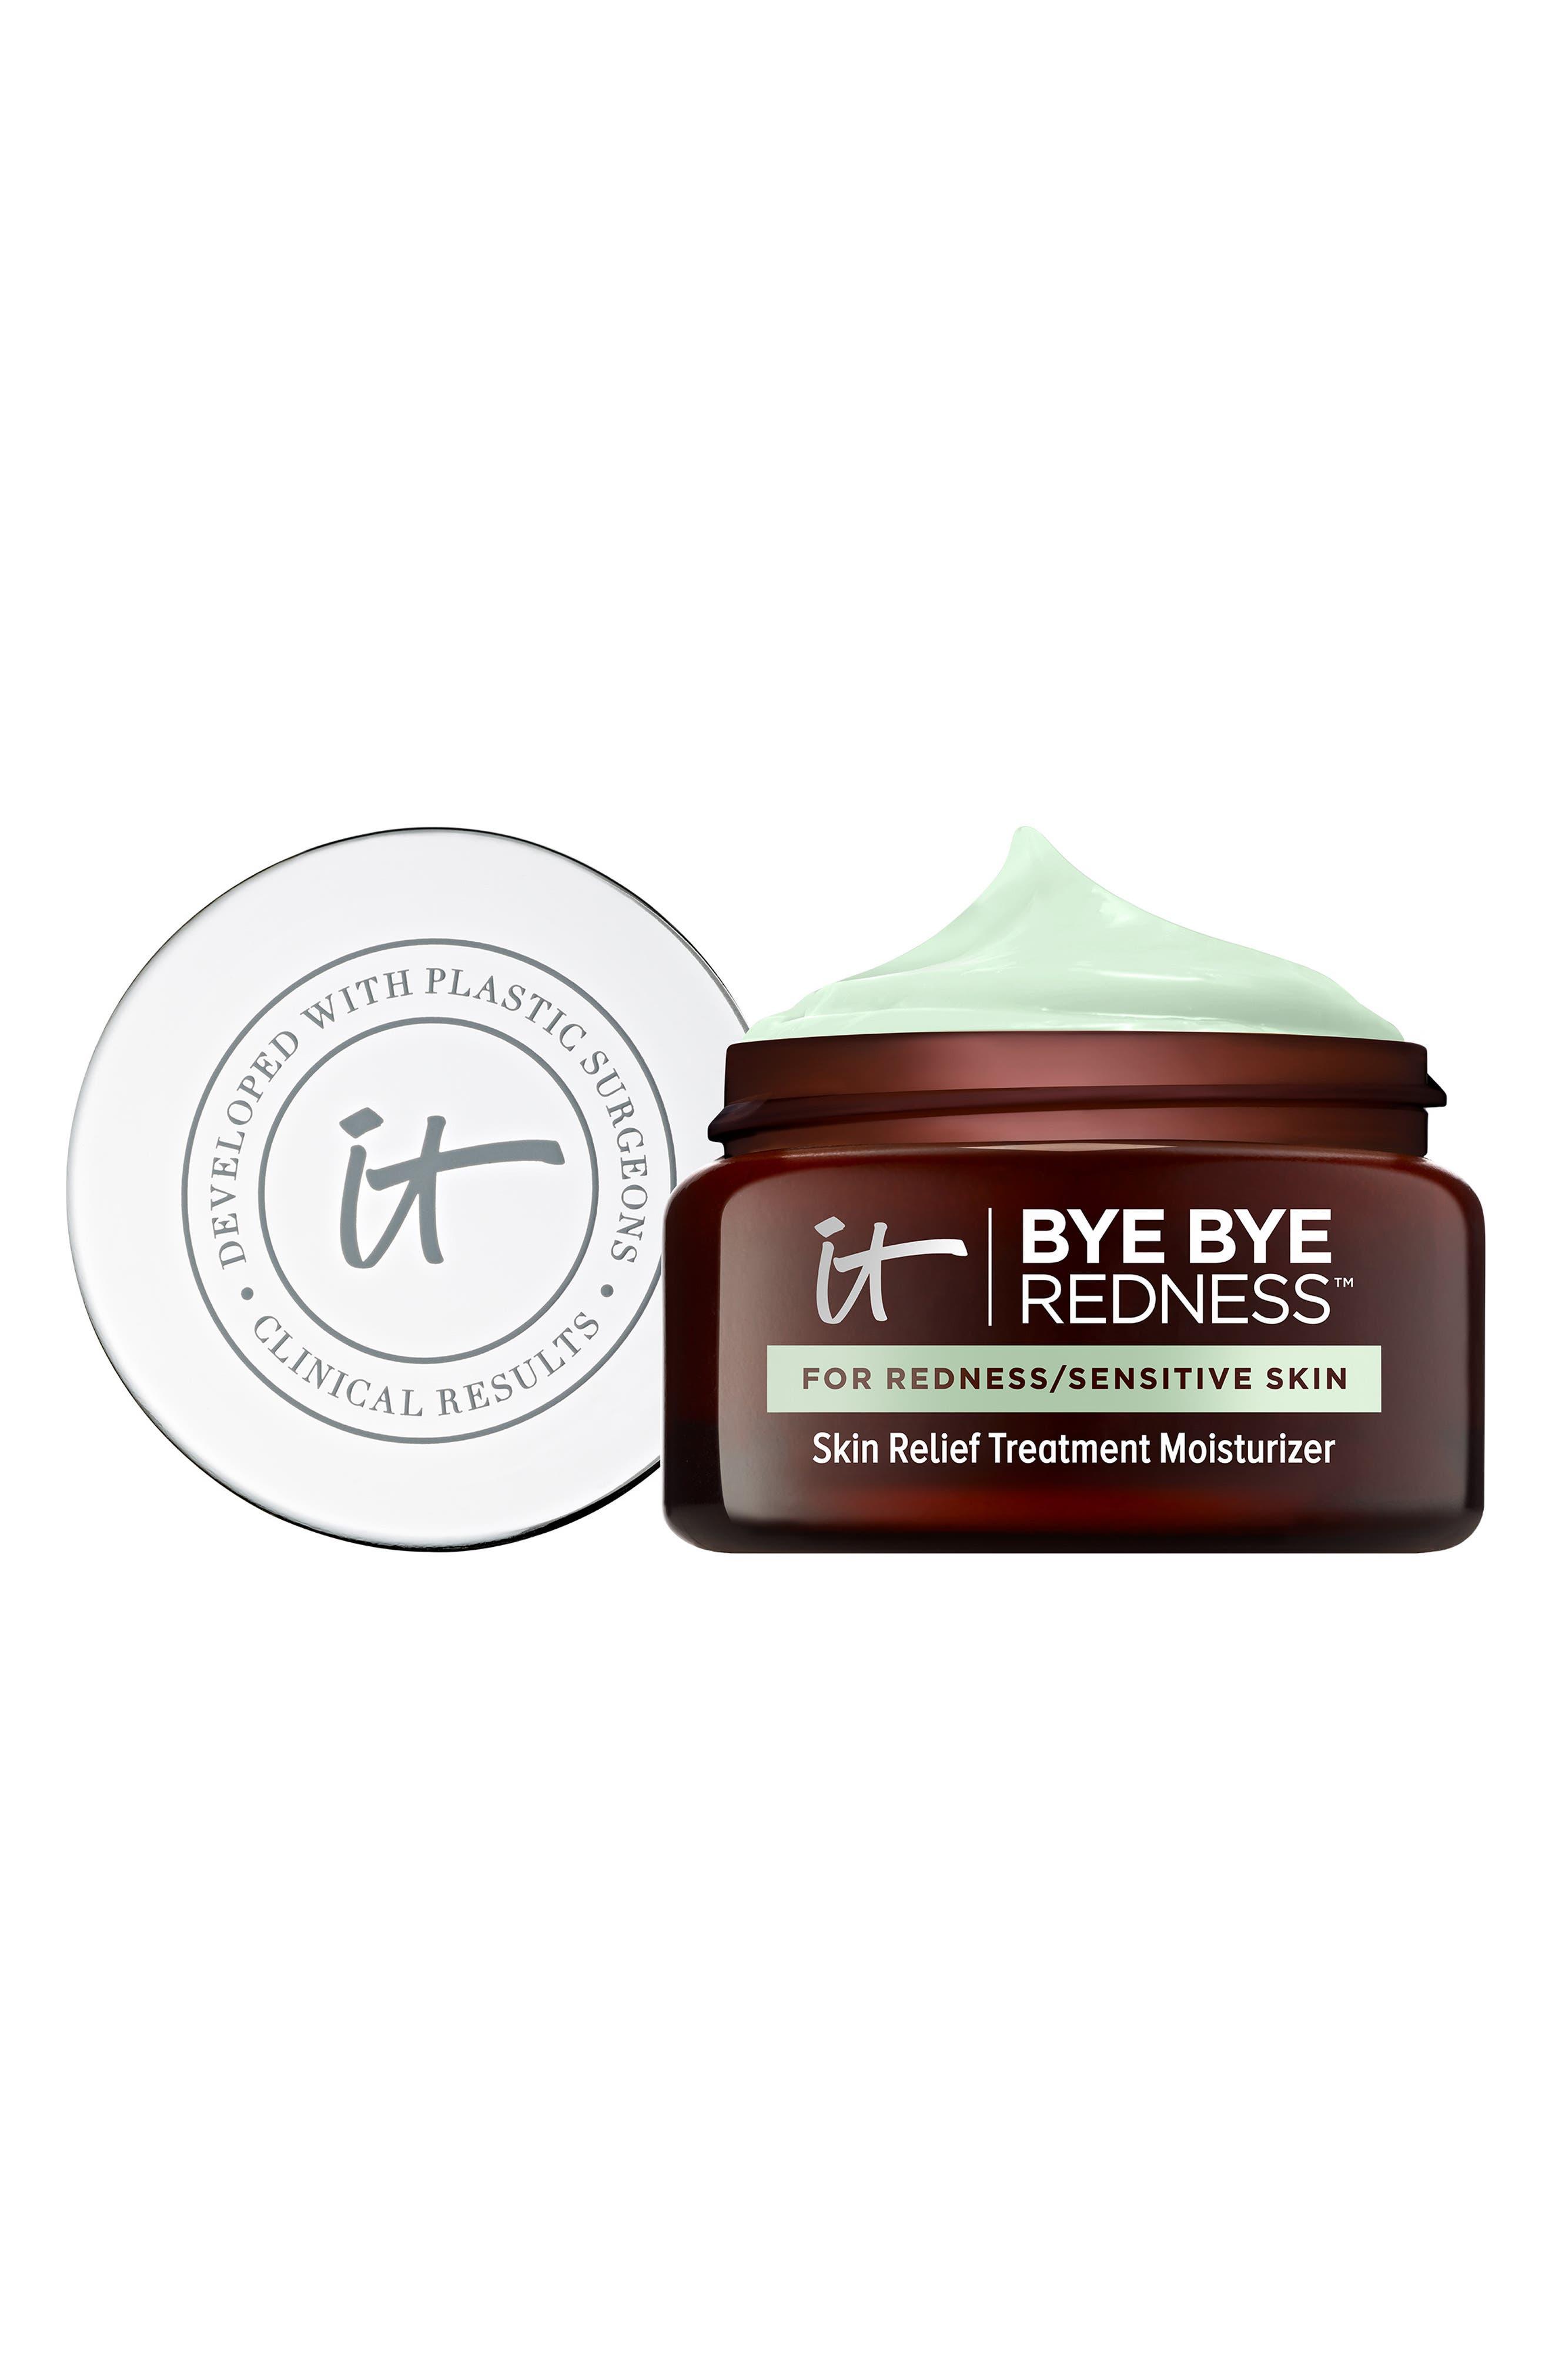 Bye Bye Redness Sensitive Skin Moisturizer